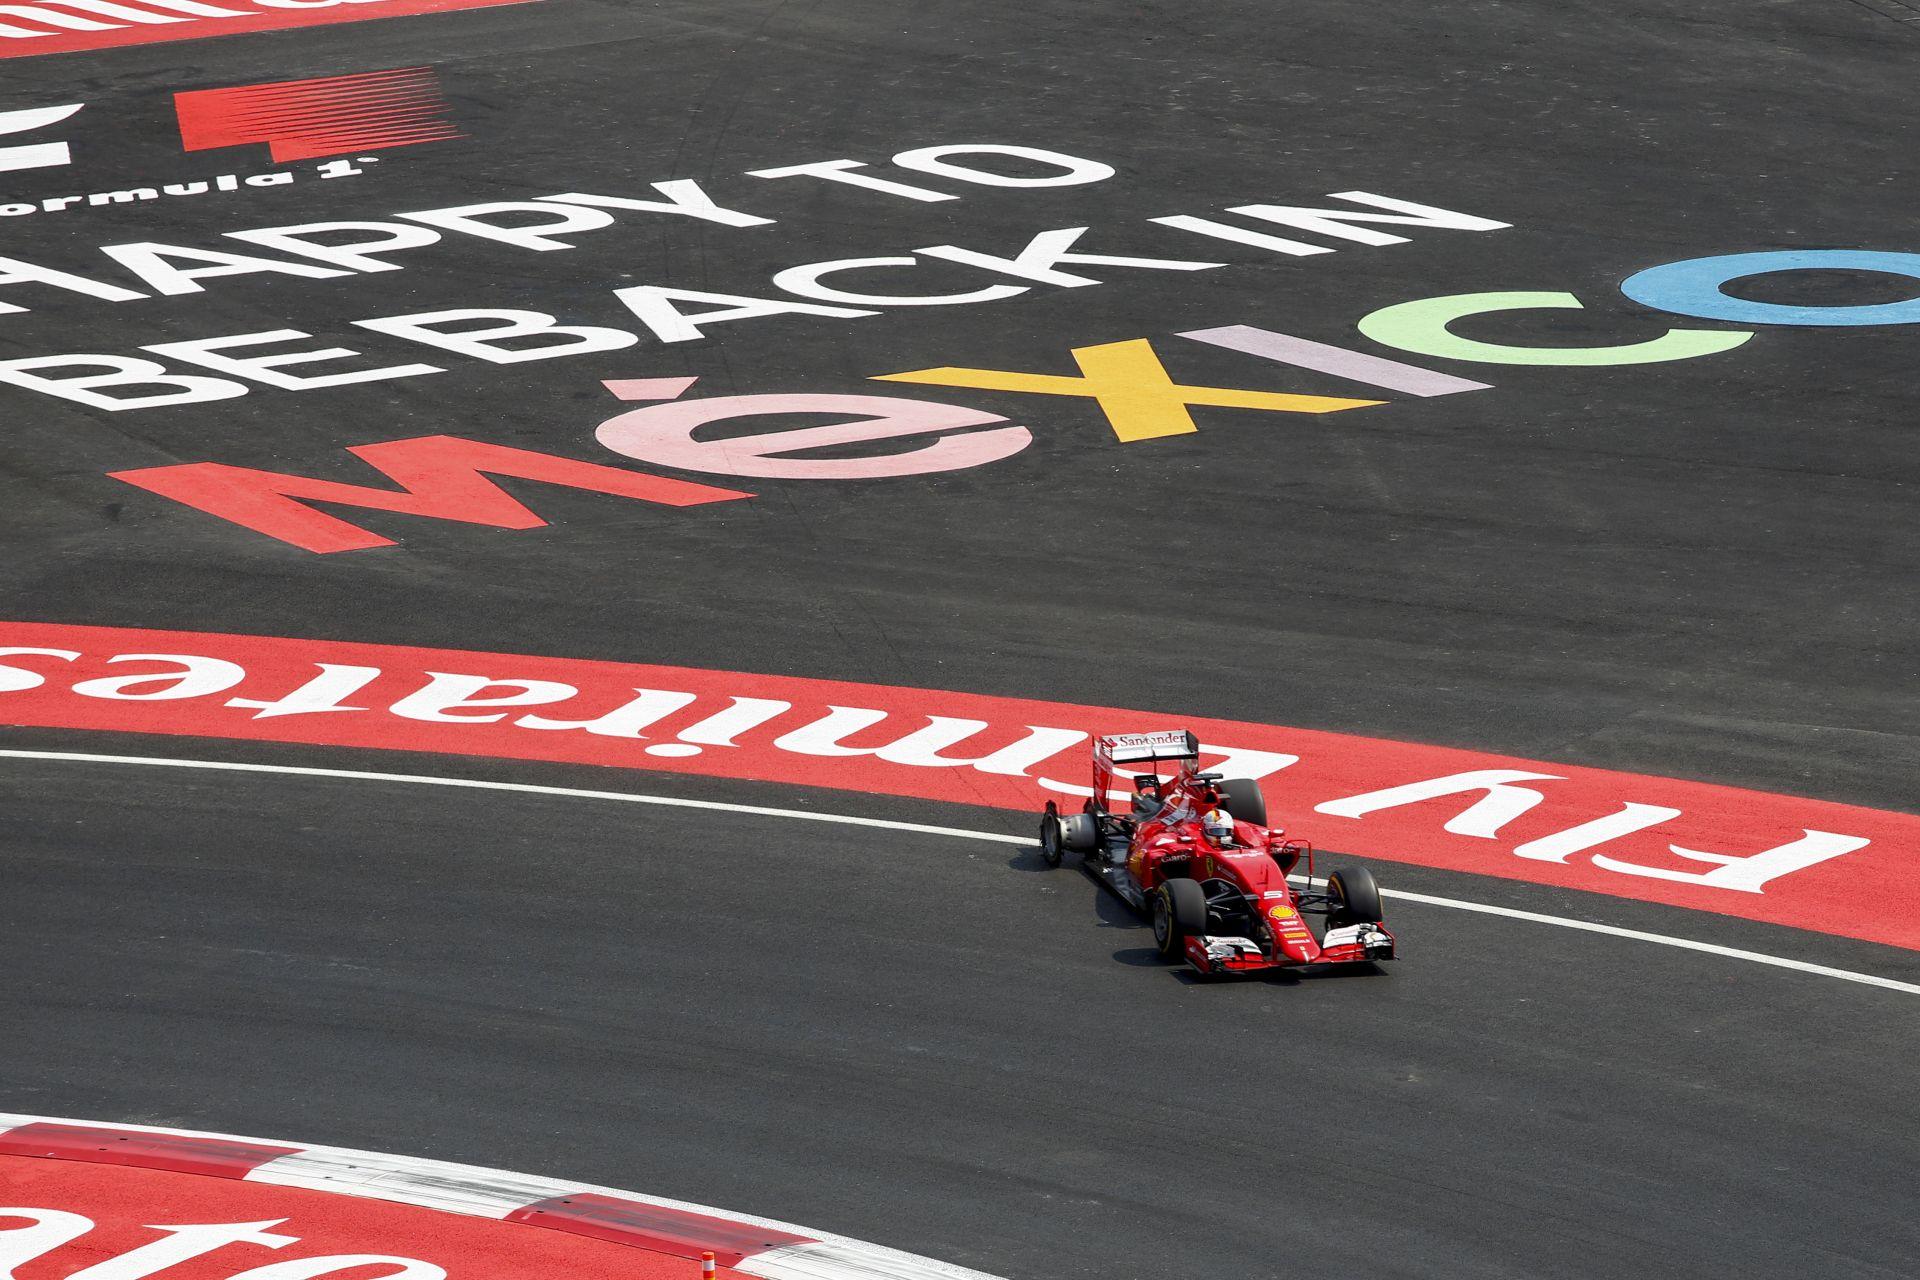 Hosszú sorozat szakadt meg Vettel számára Mexikóban: legutóbb 2010-ben esett ki ütközés miatt